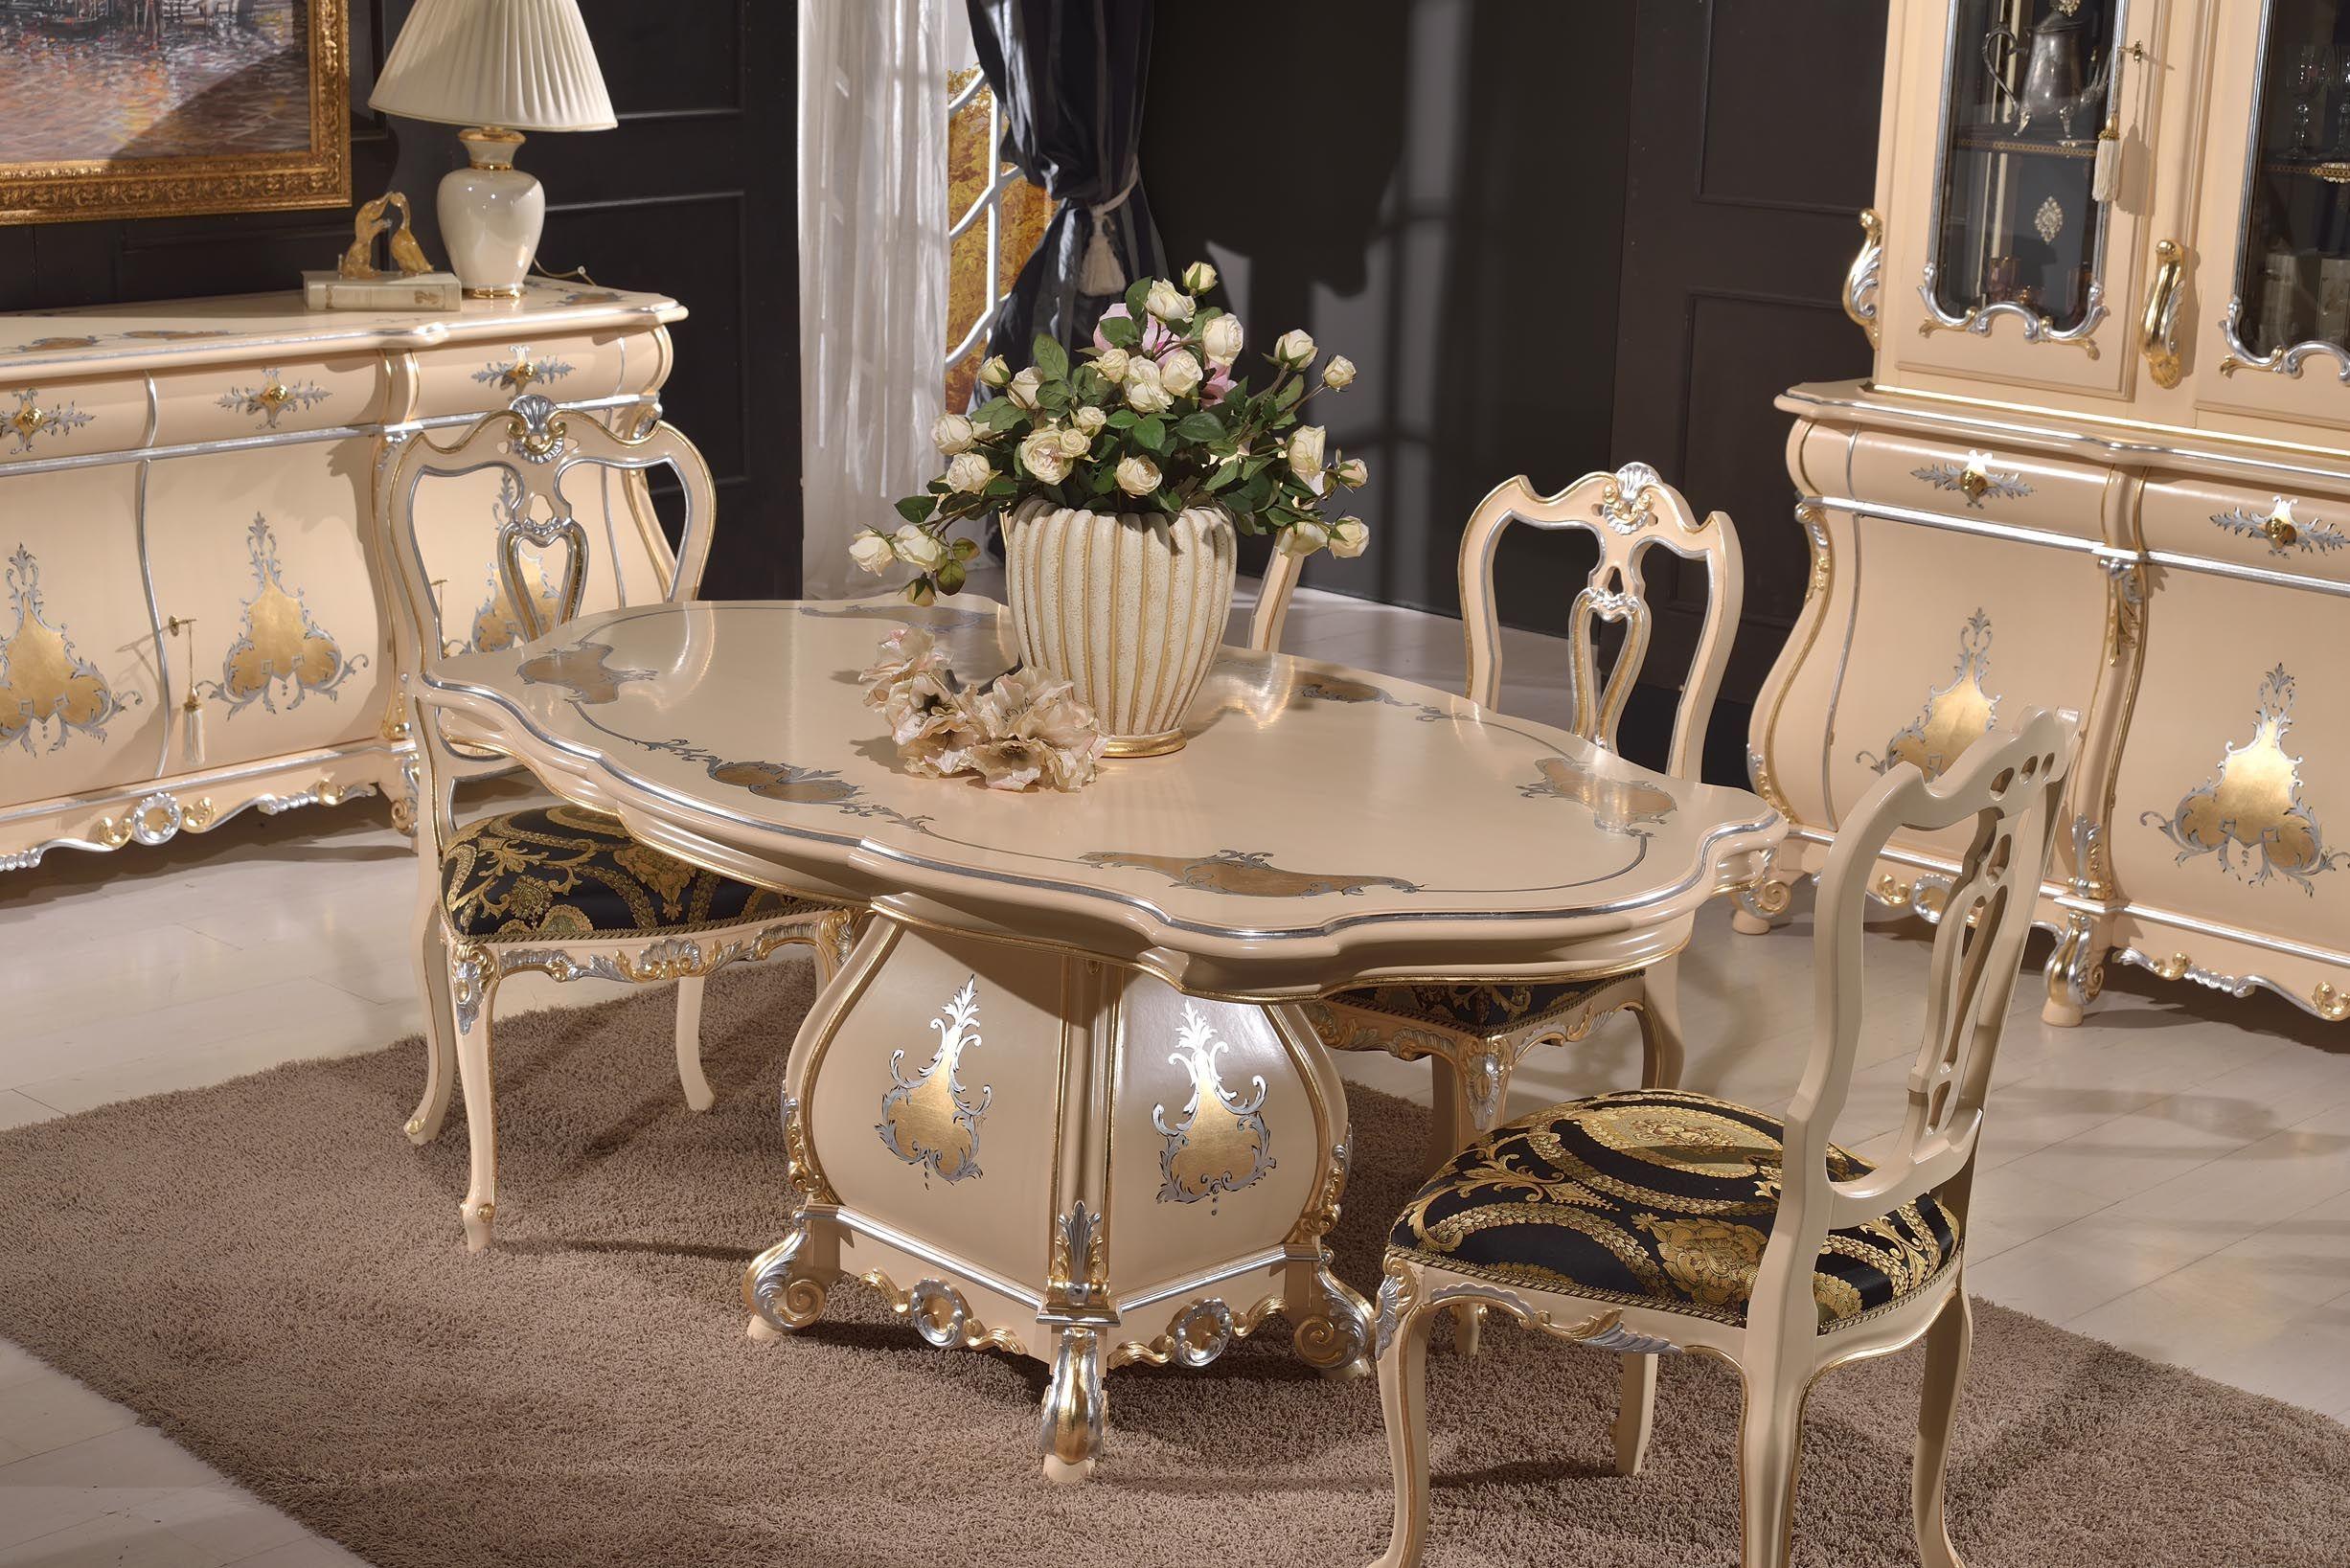 Sedie Veneziane ~ Modello raggio di sole. #zulianimobili #interiordesign #mobili